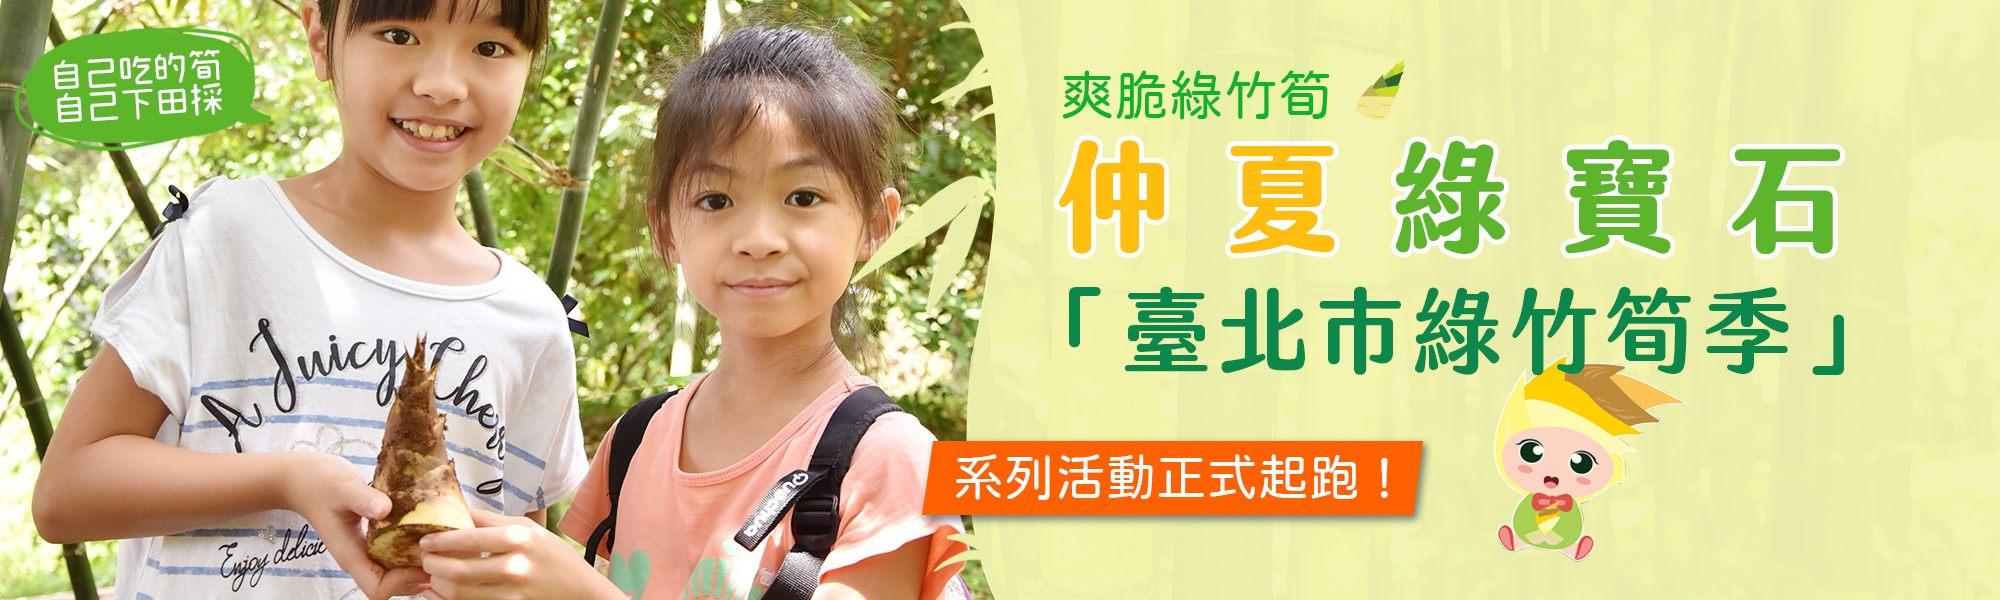 爽脆綠竹筍 仲夏綠寶石「臺北市綠竹筍季」系列活動正式起跑!